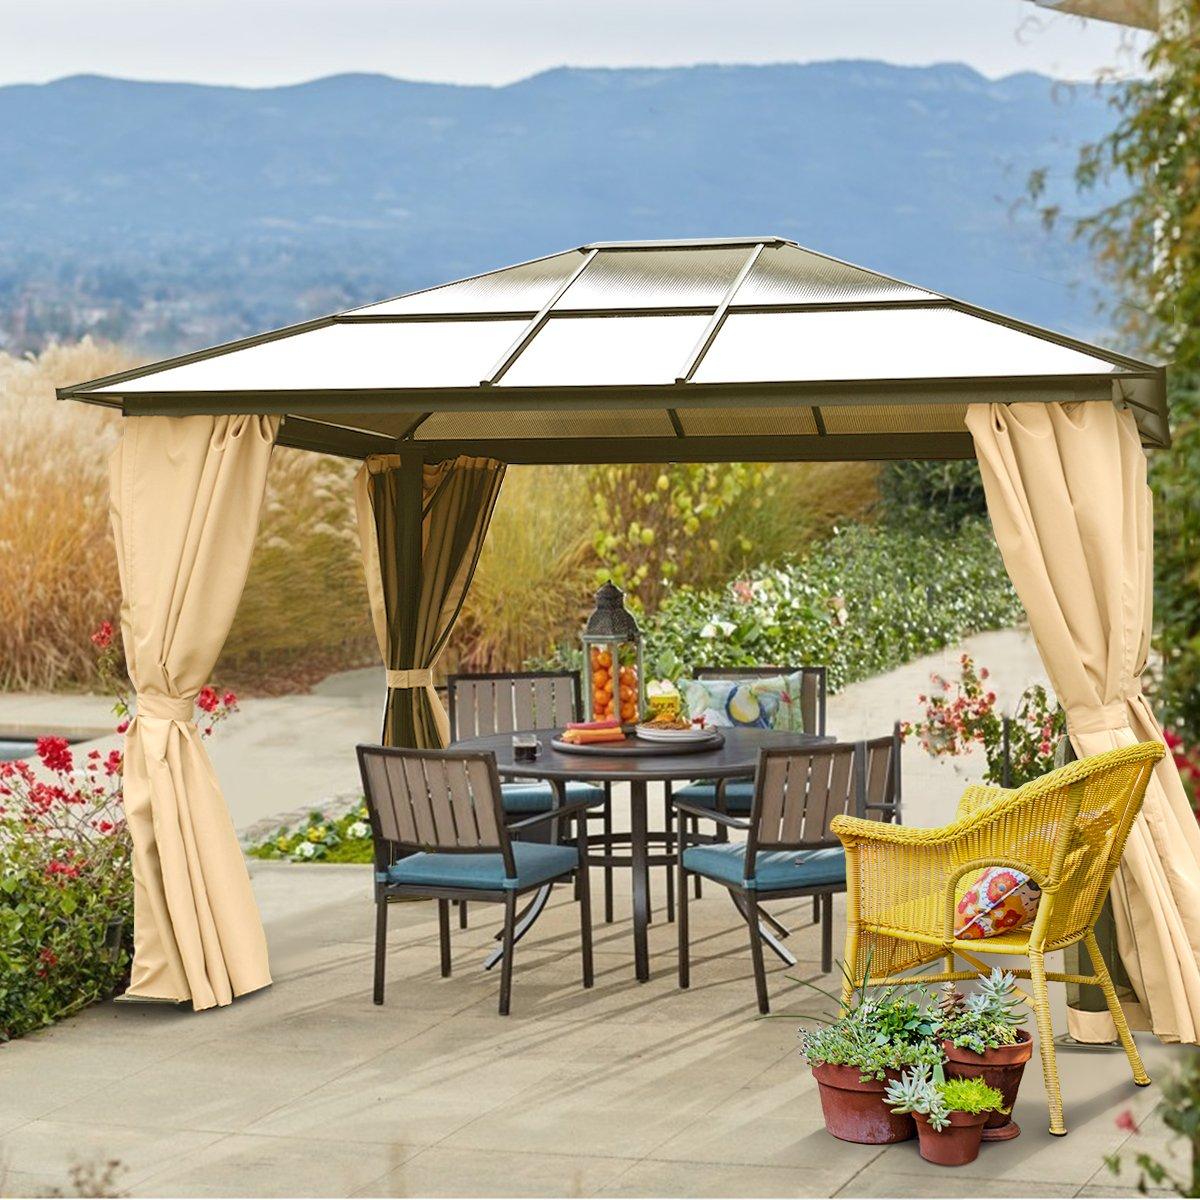 10 x 12 duro techo Patio Gazebo bastones de aluminio resistente estructura: Amazon.es: Jardín